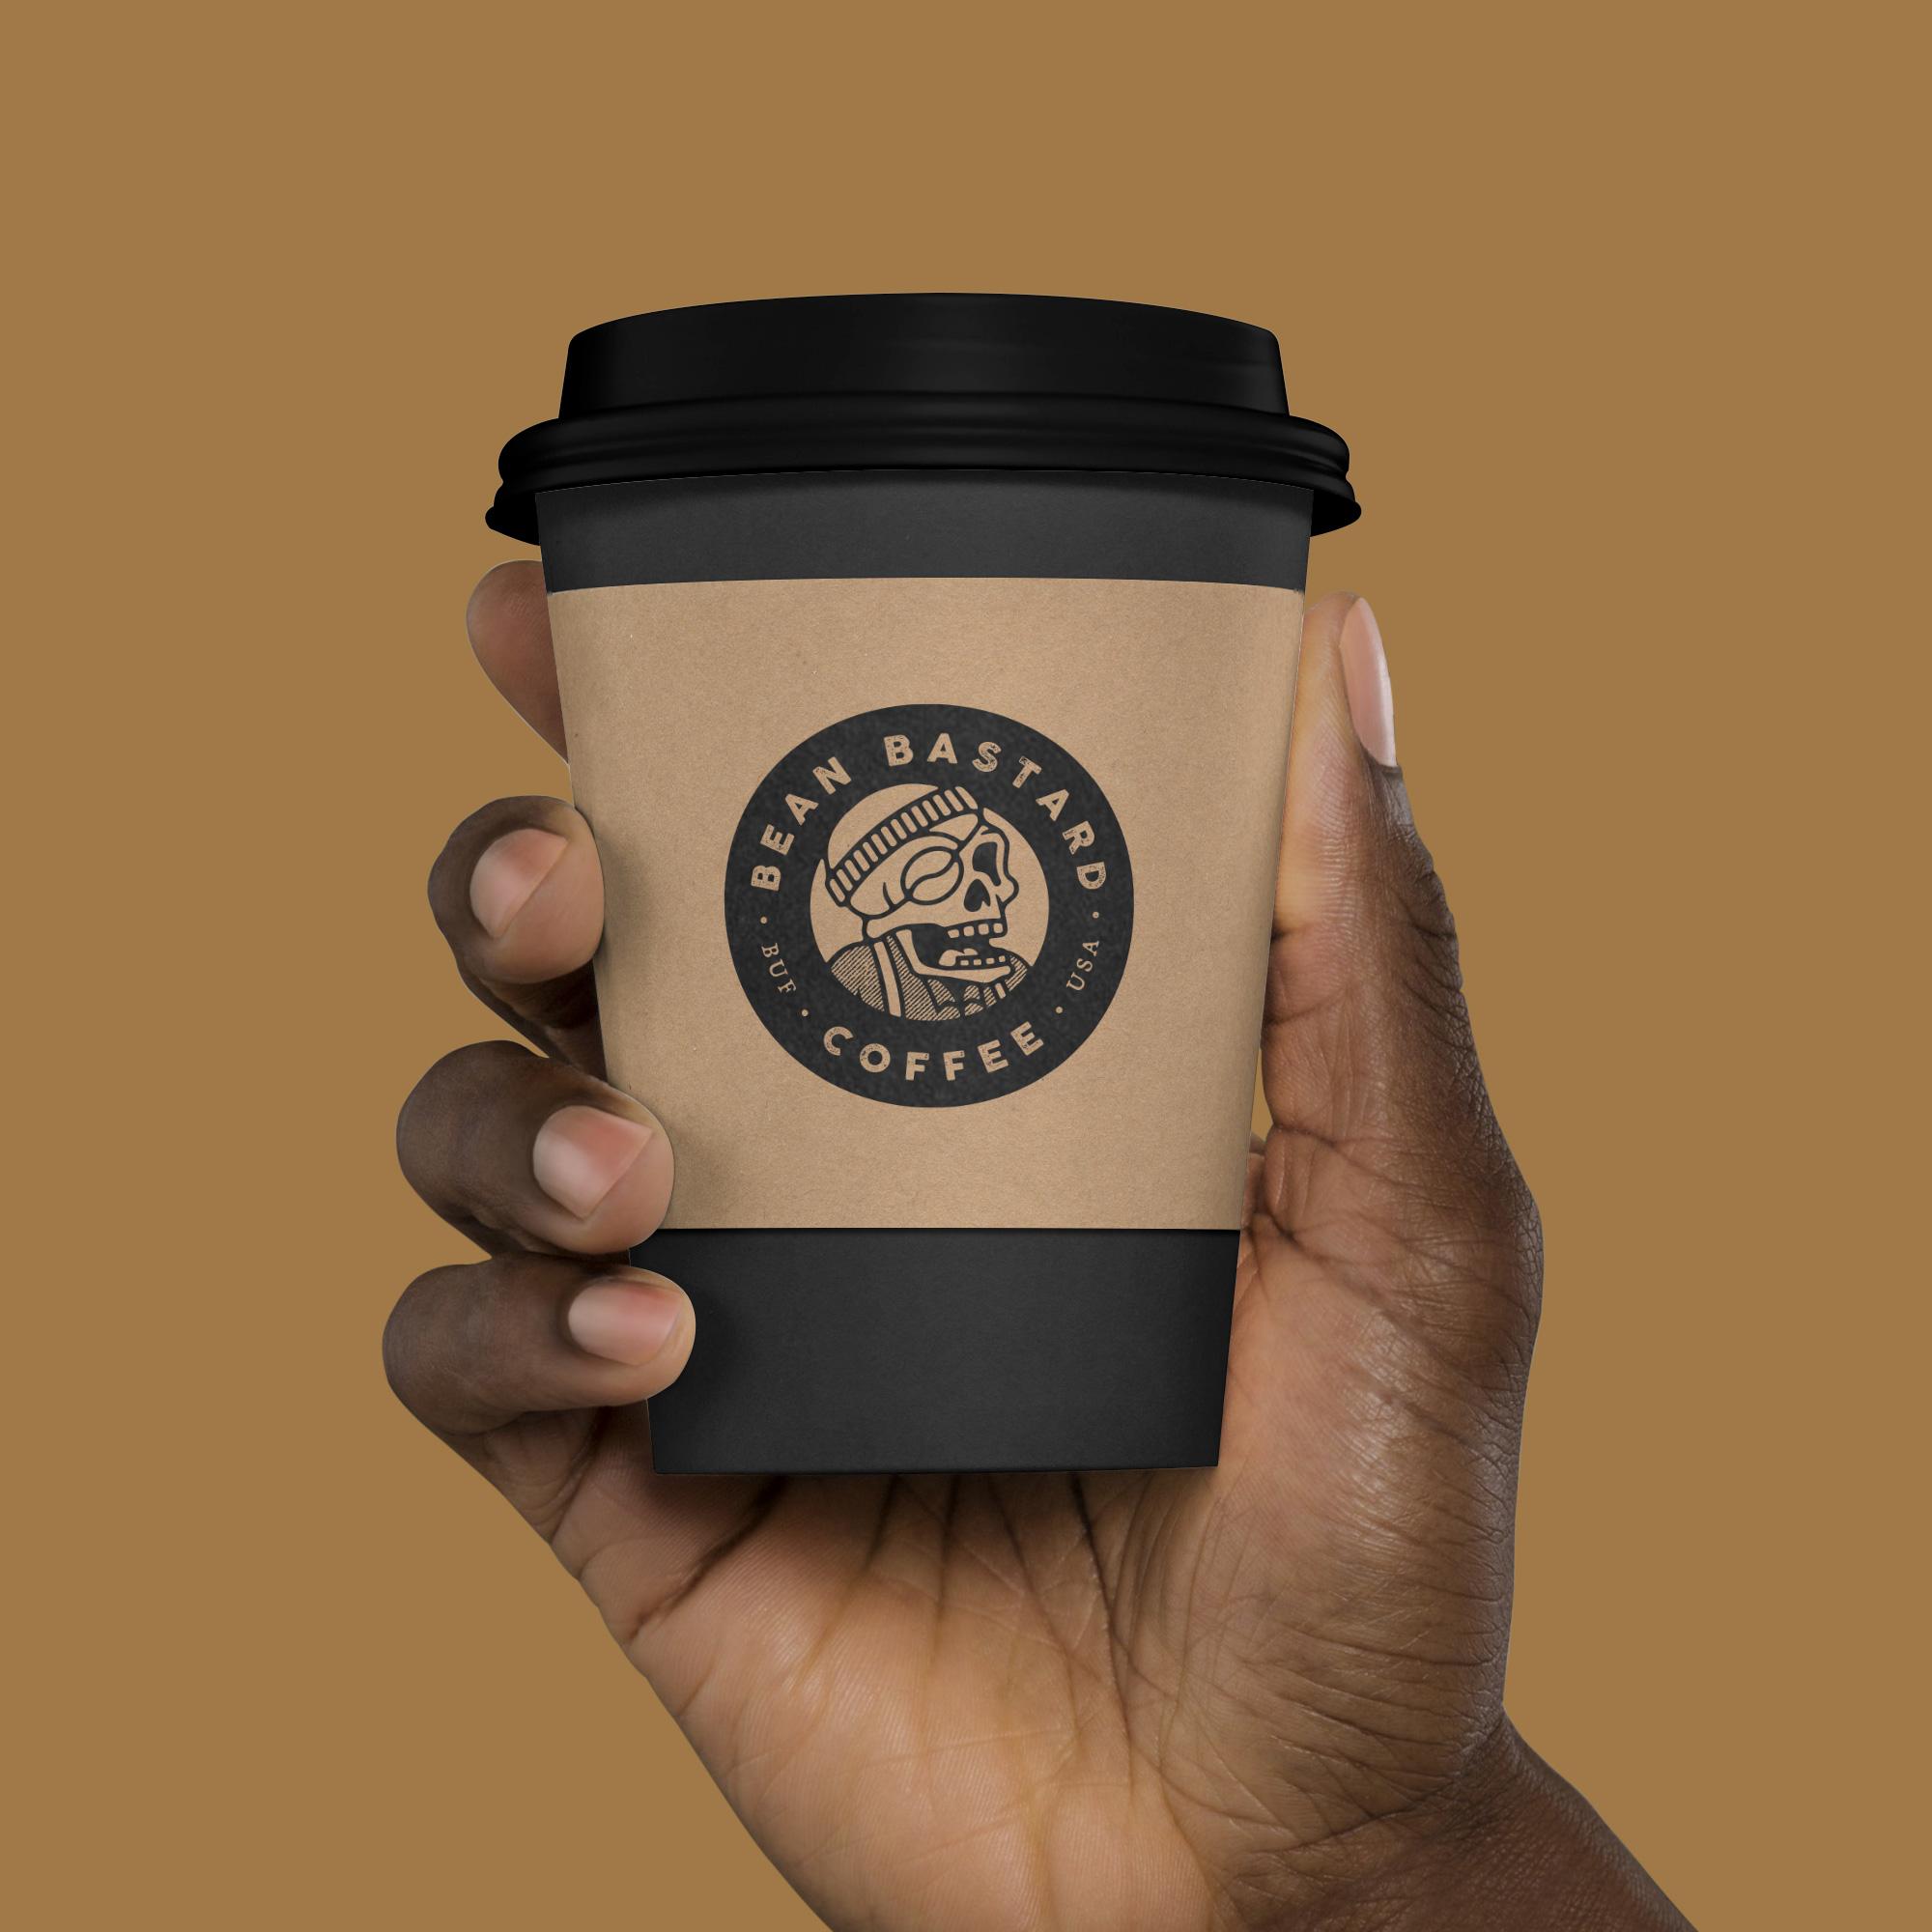 Hand-Holding-Coffee-Cup-Mockup2b